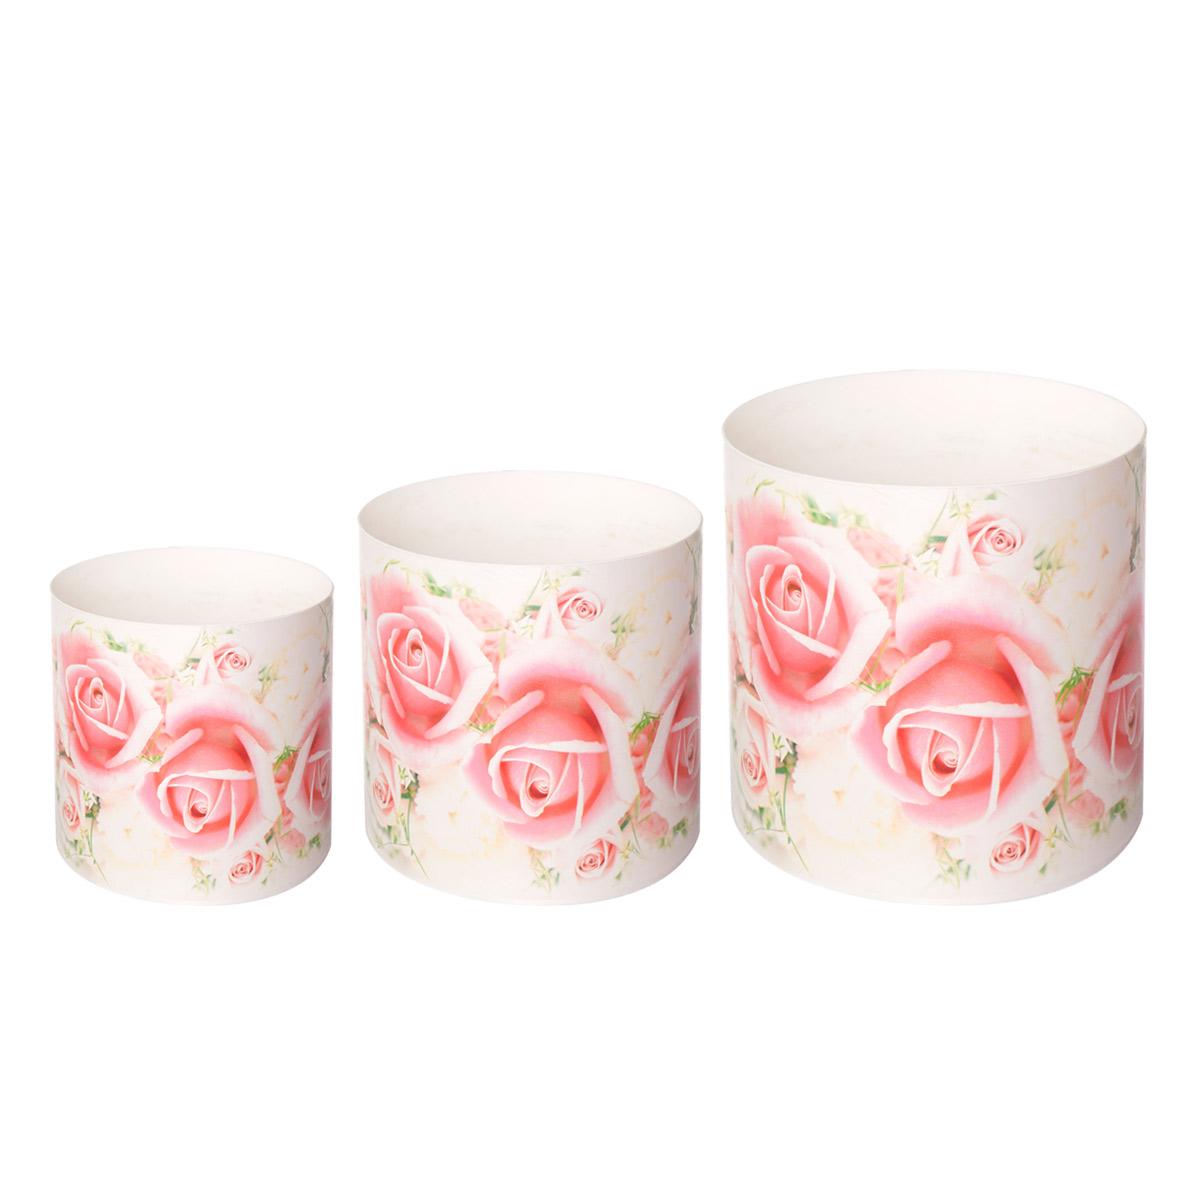 Набор горшков для цветов Miolla Розы, со скрытым поддоном, 3 предмета набор горшков тюльпан 3 пр no name набор горшков тюльпан 3 пр